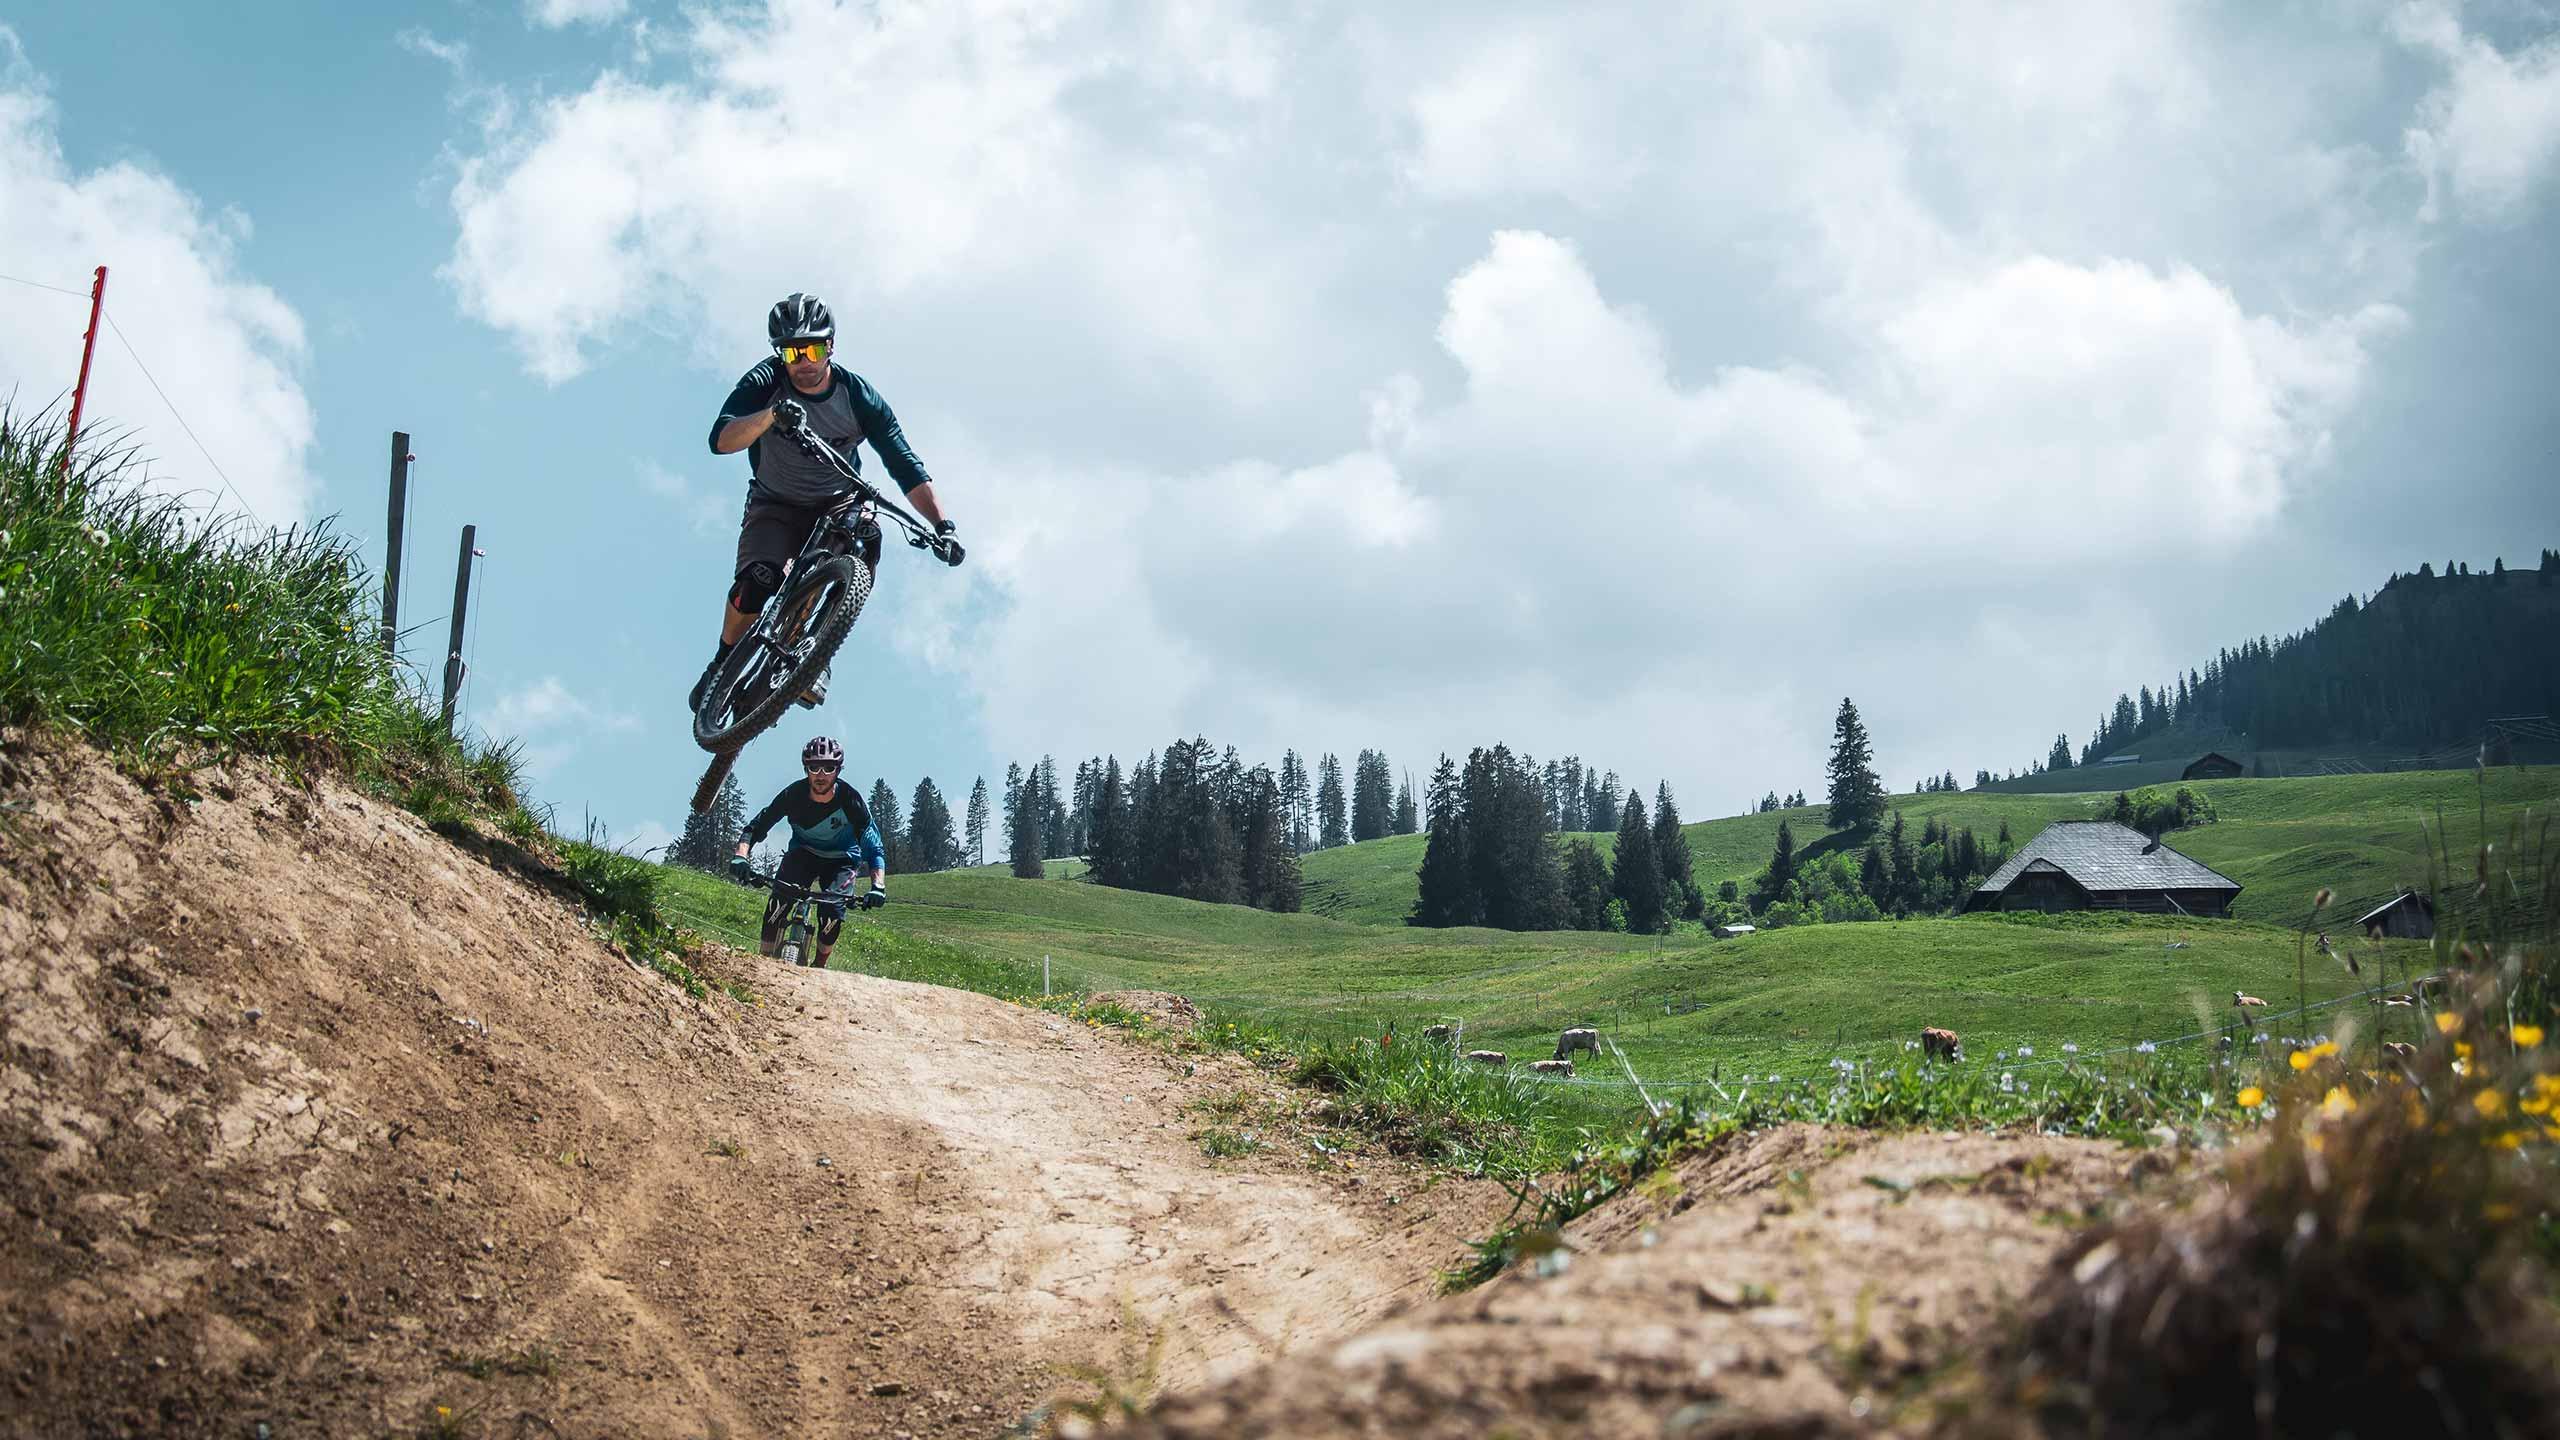 downhill-bikepark-wiriehorn-biker-springen-ins-bild.jpg